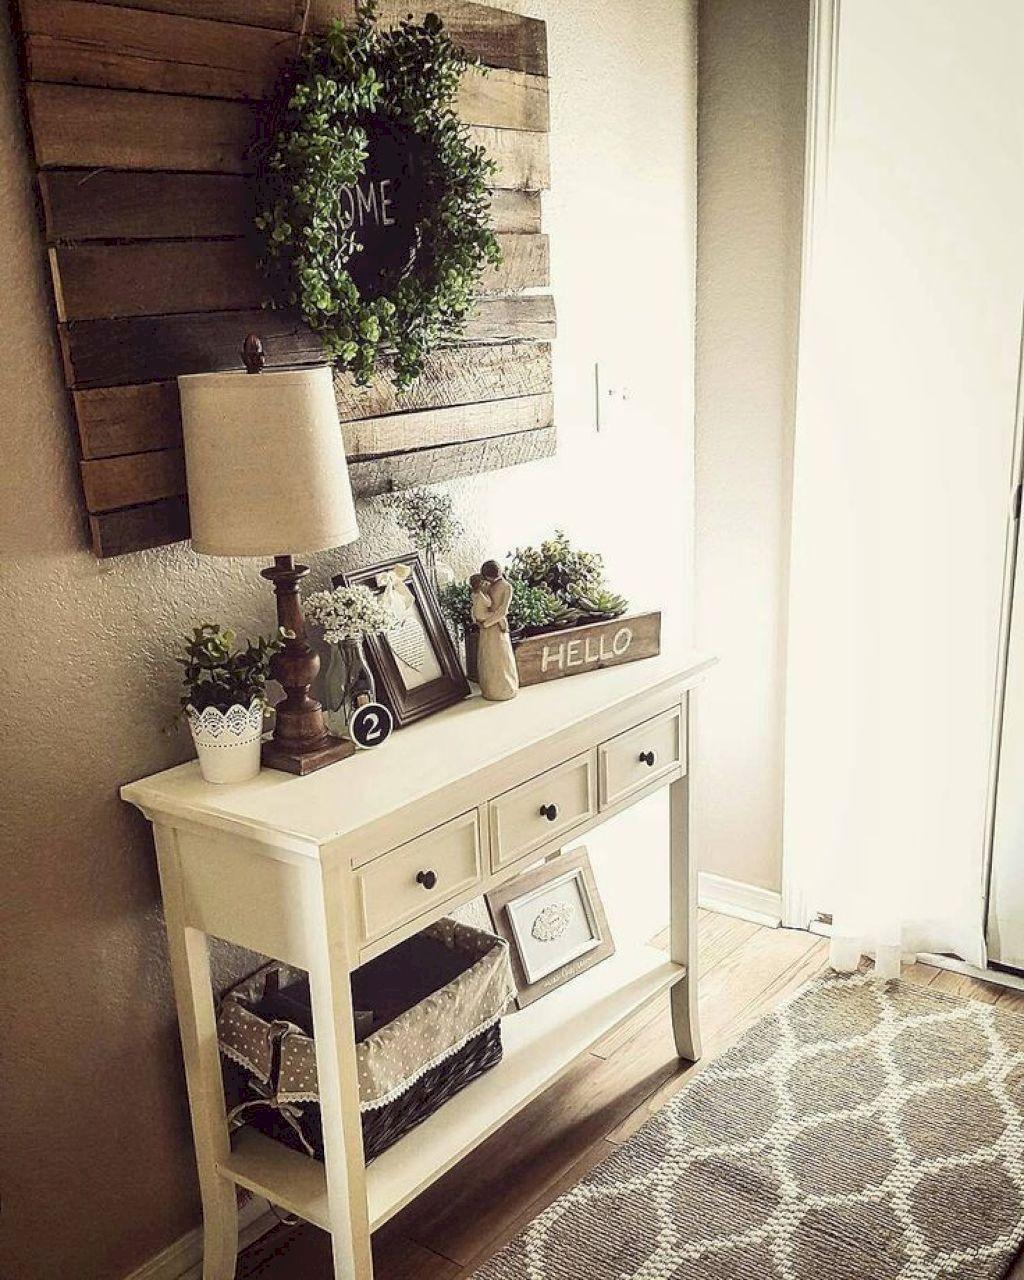 fresh farmhouse home decor ideas also connie   house in rh pinterest